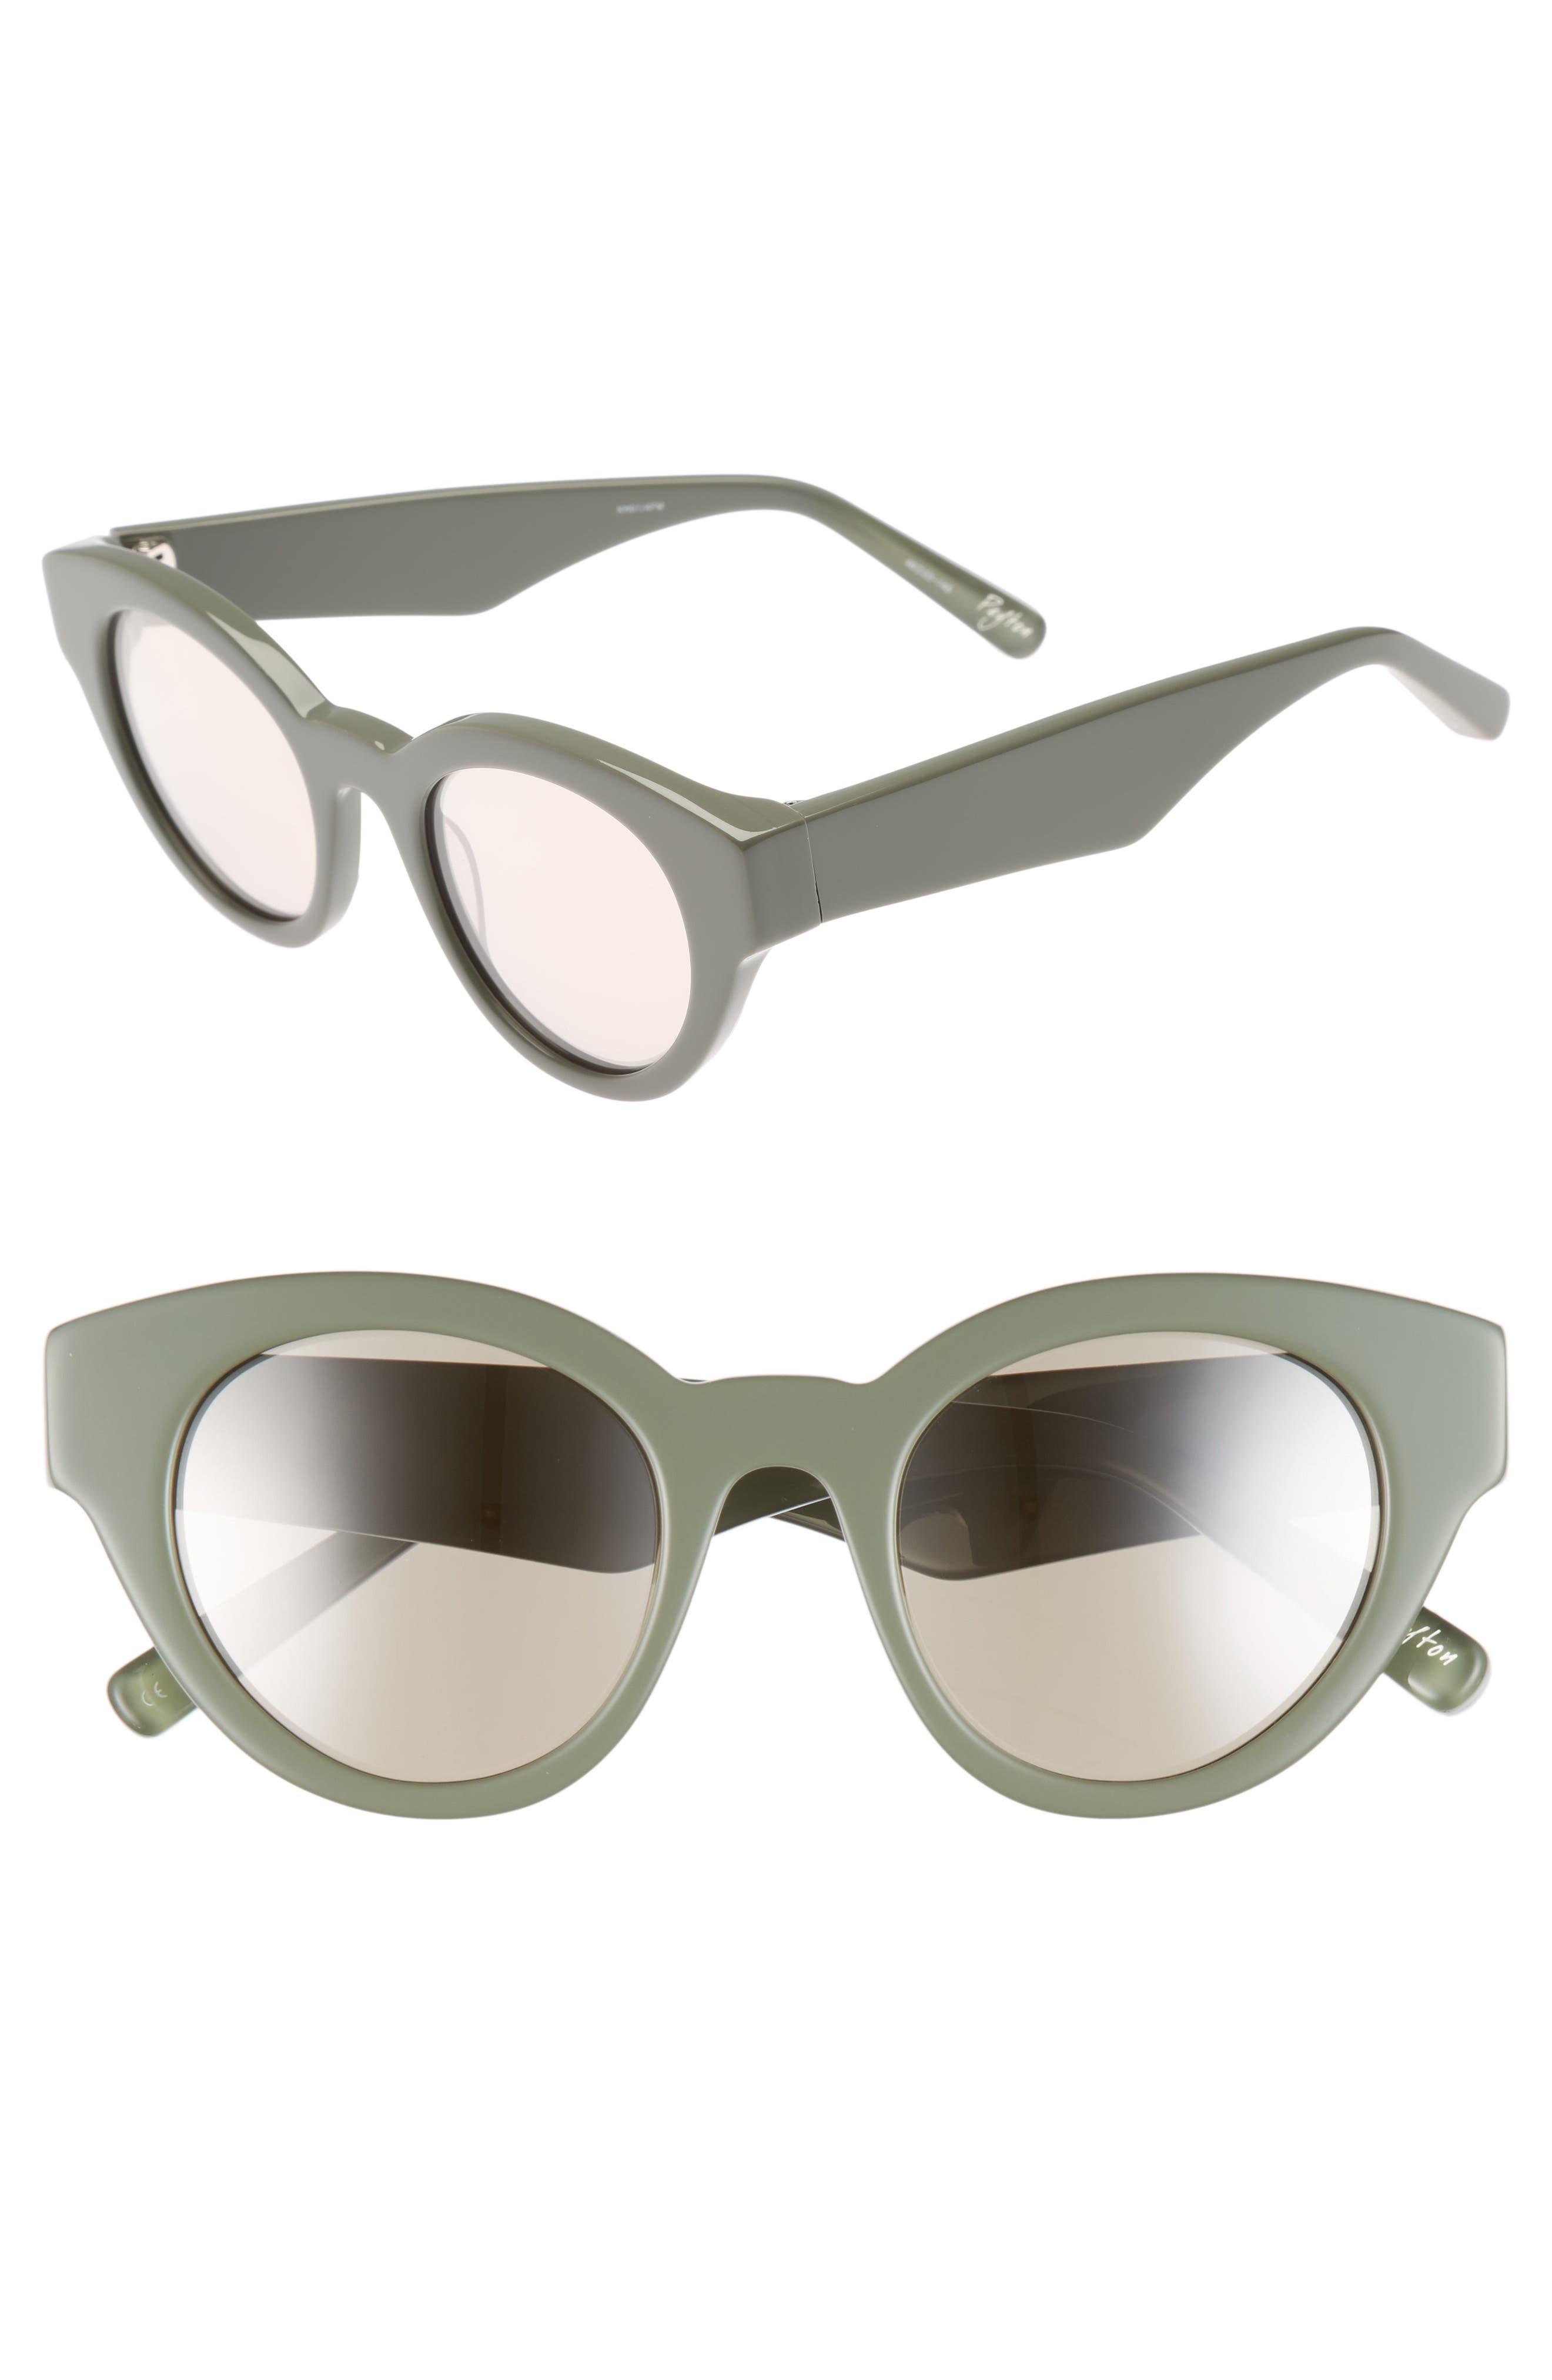 Payton 48mm Cat Eye Sunglasses,                             Main thumbnail 1, color,                             Khaki